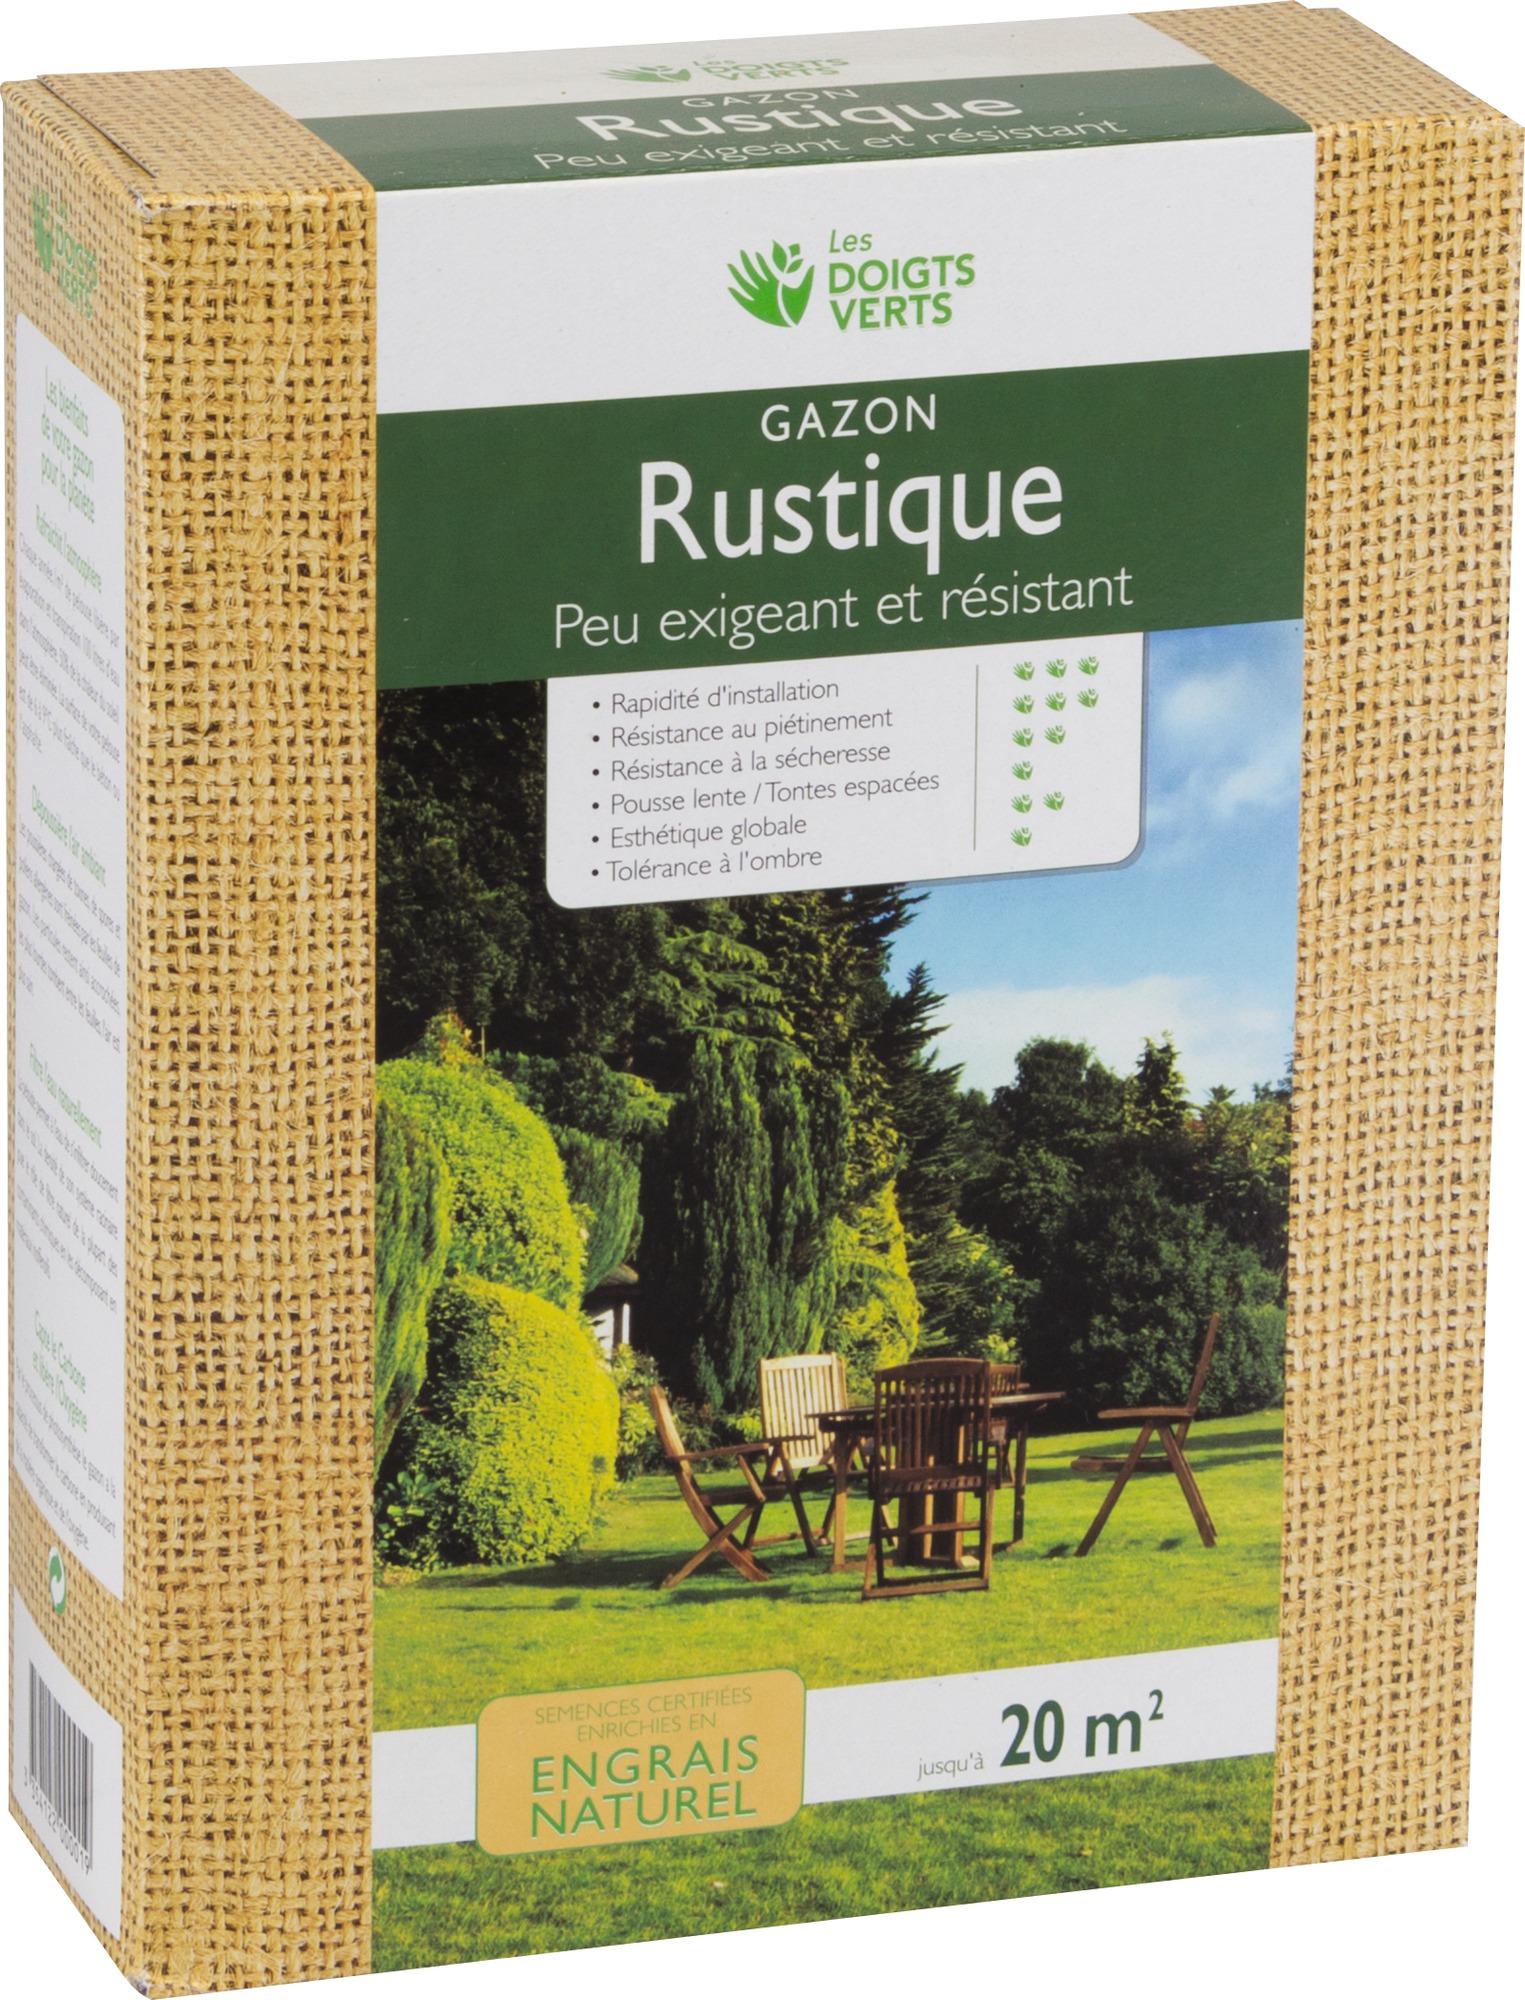 Gazon rustique enrichi Les doigts verts - 0,5 kg